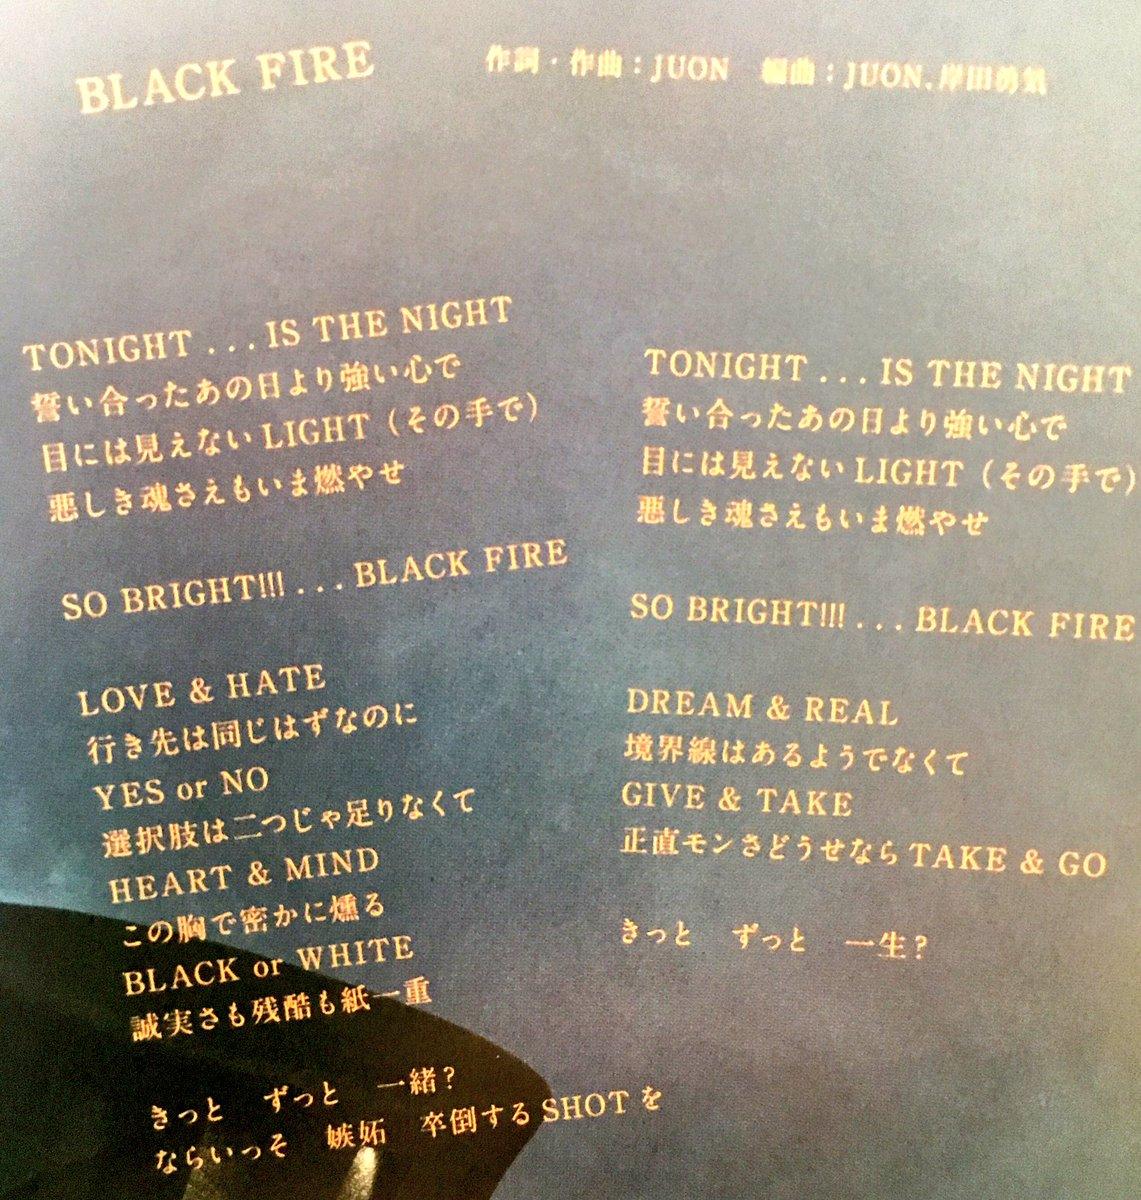 今、色んな方々の作品を歌詞カード見ながらNEVERLANDへ旅行中!! マジ、最高かよ。w BLACK FIREもこうやって見ると奥行きが増して聞こえる。。。ROCK!!! #JUON #NEWS #news #NEVERLAND